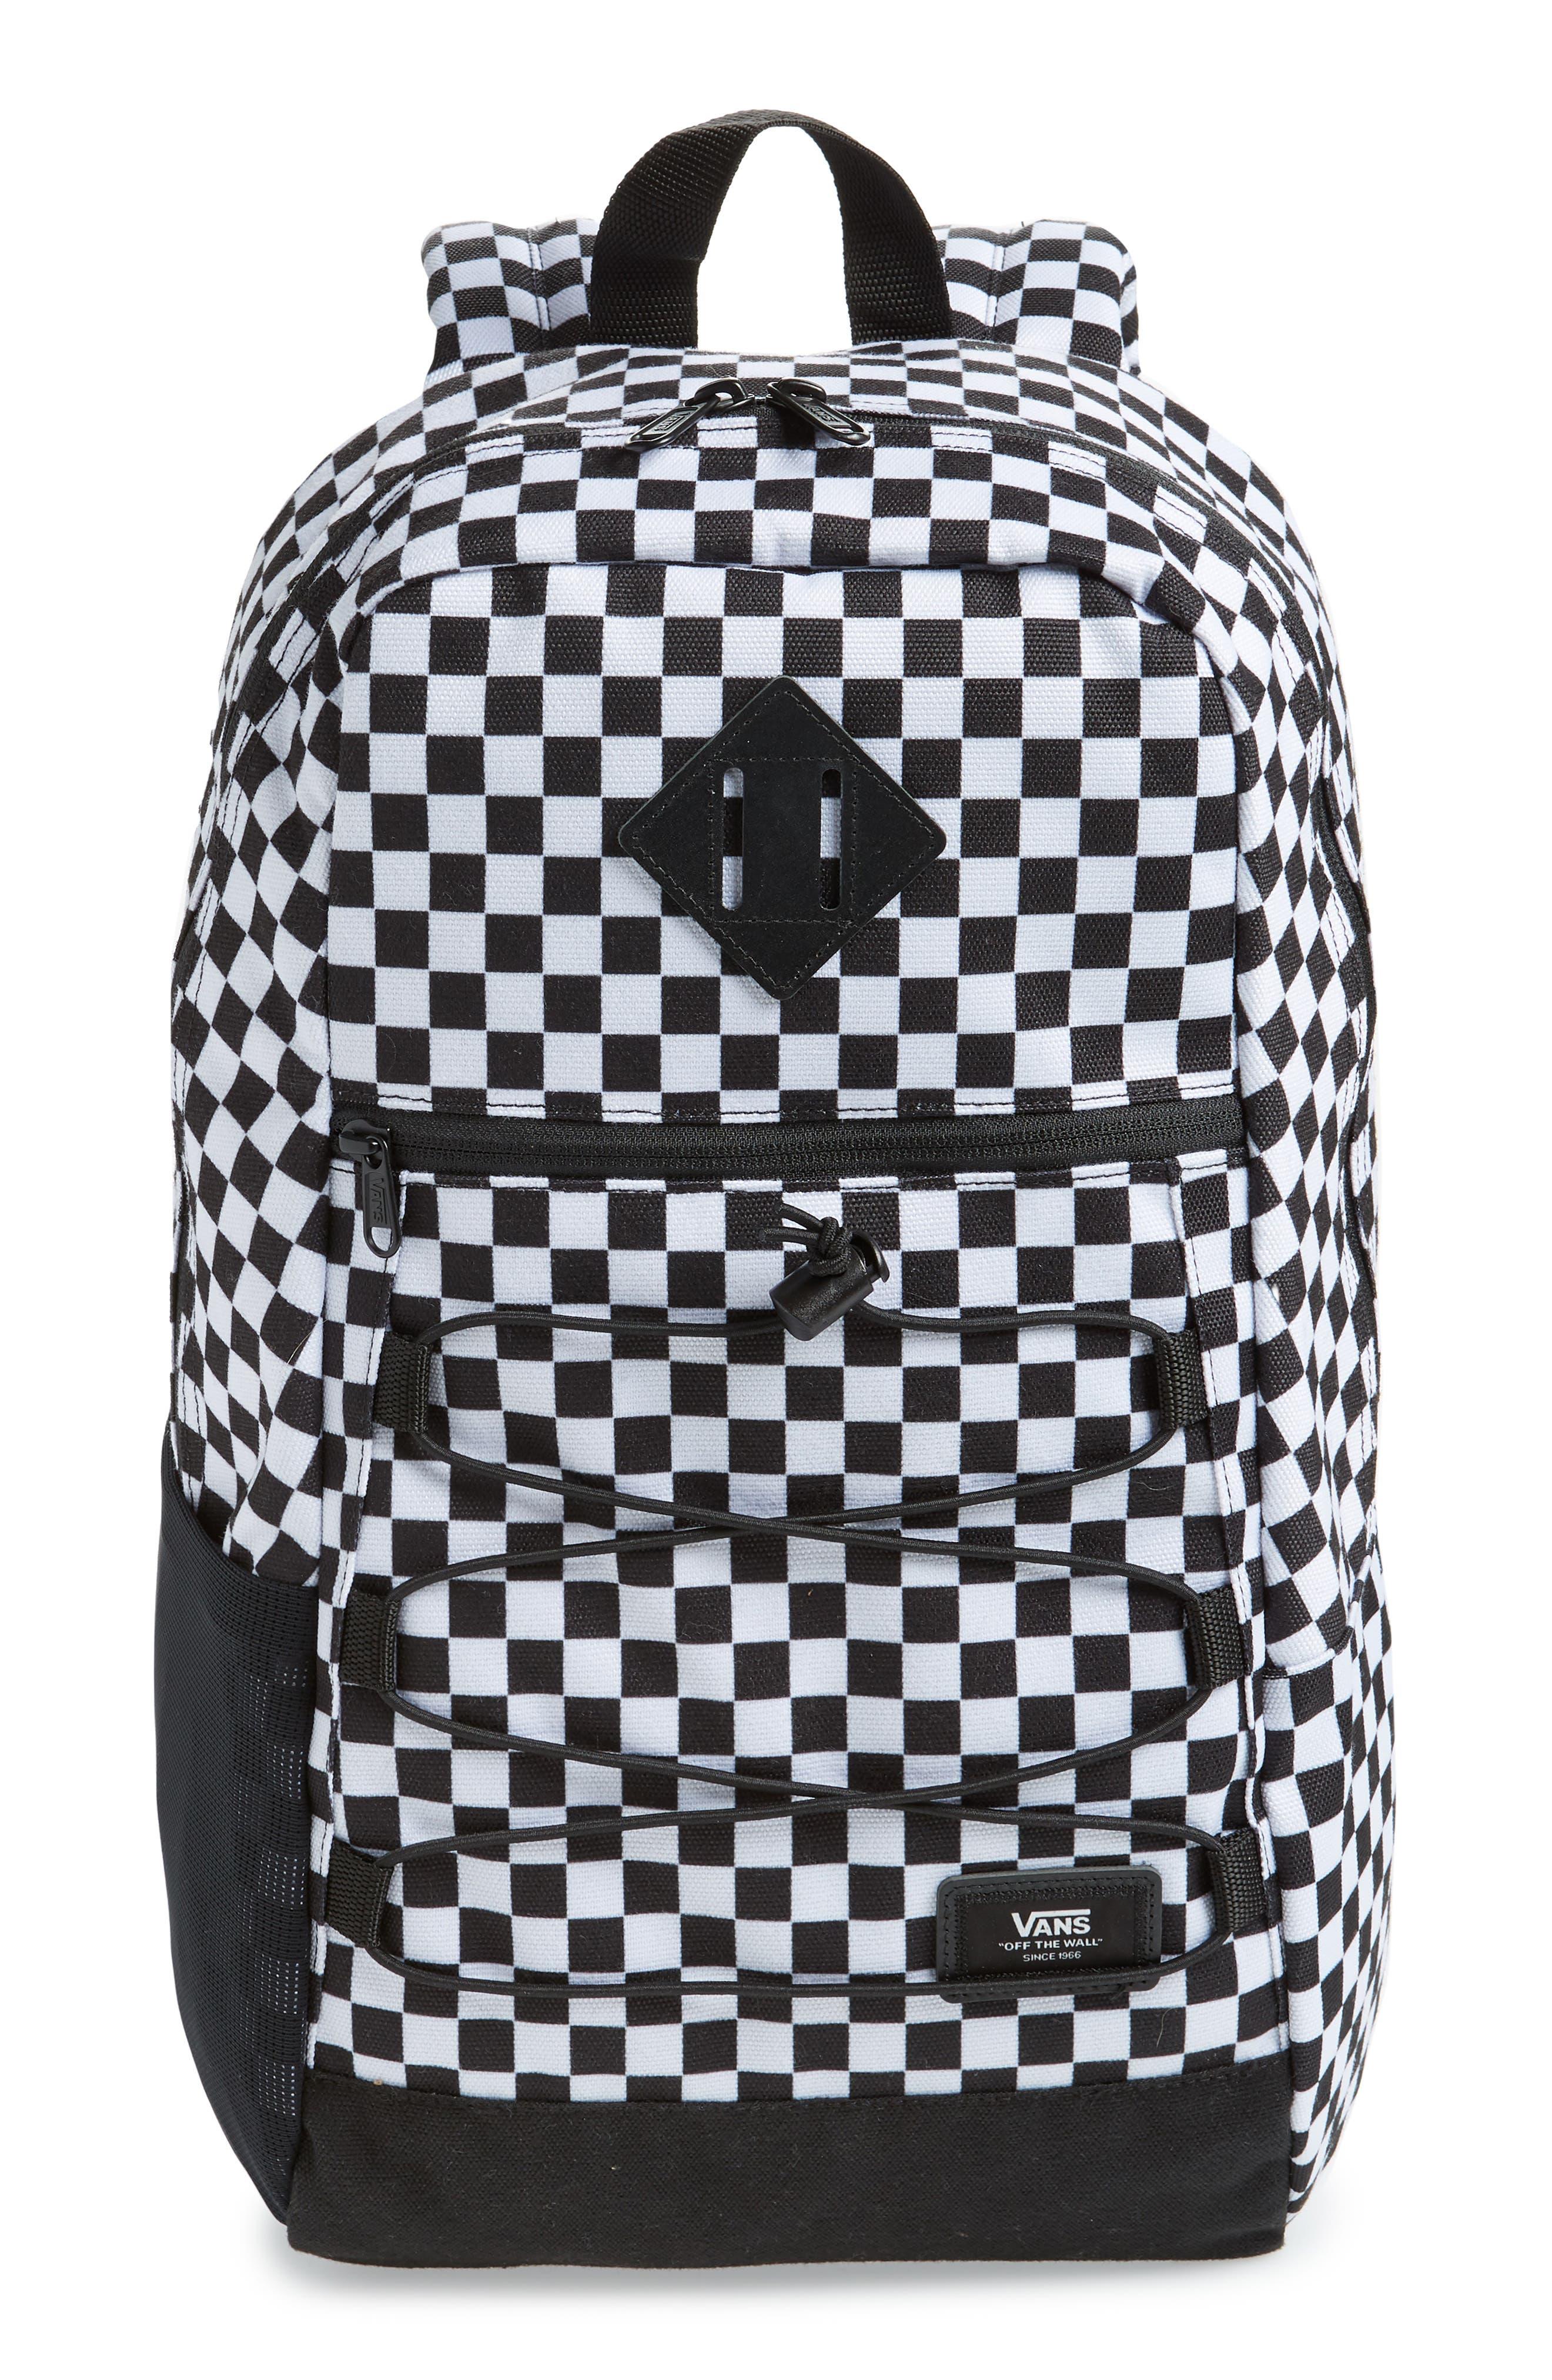 Vans Snag Water Resistant Backpack - Black